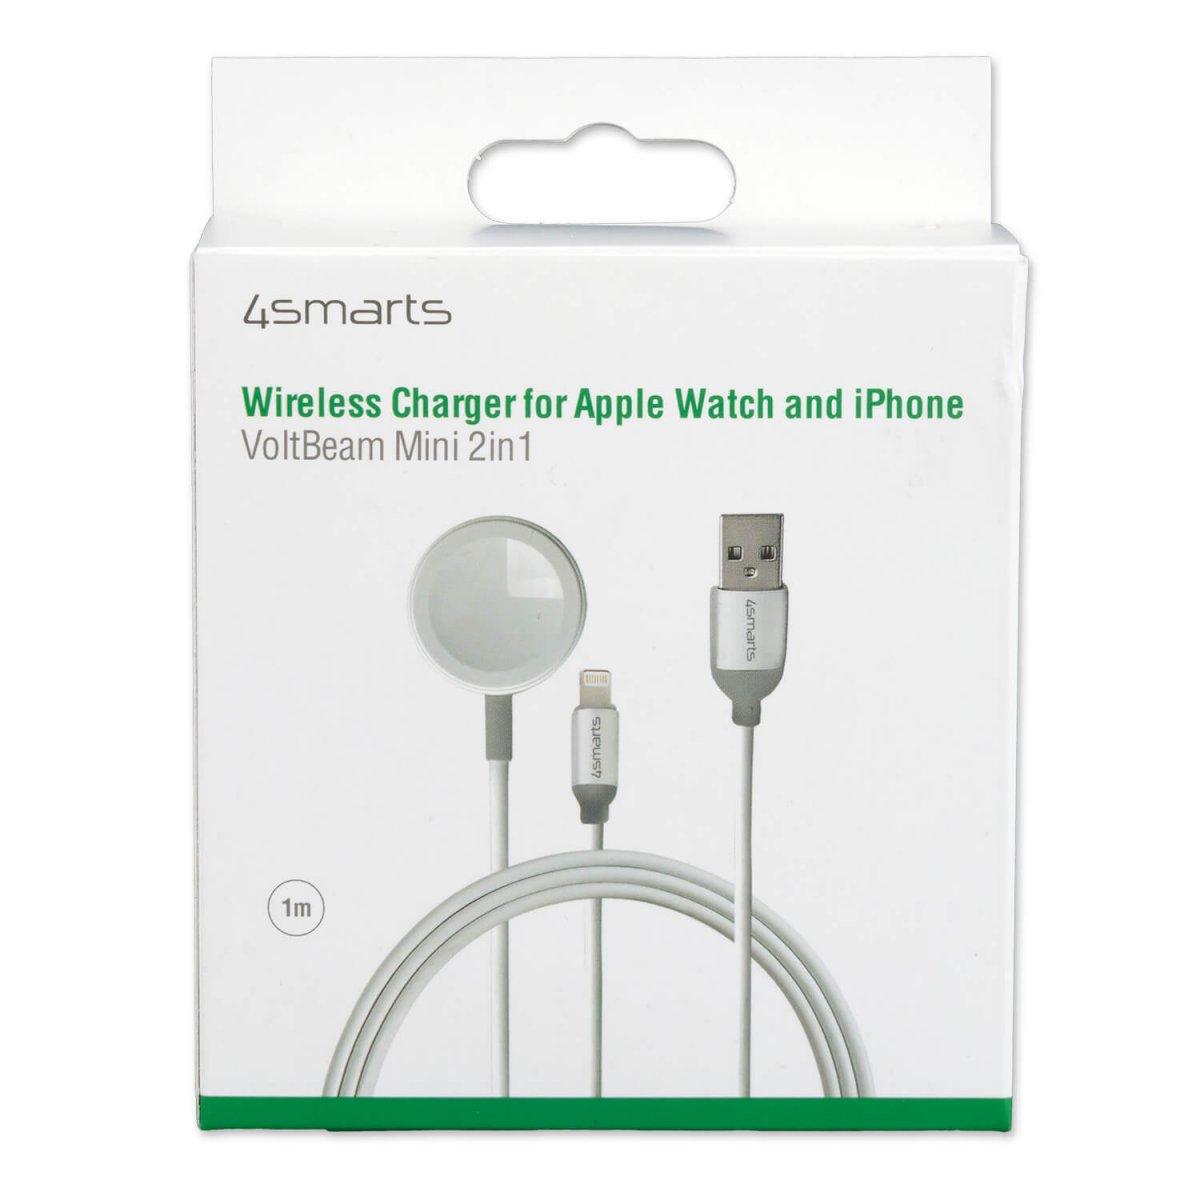 4Smarts Trådlös laddare VoltBeam Mini 2in1 för Apple Watch och iPhone